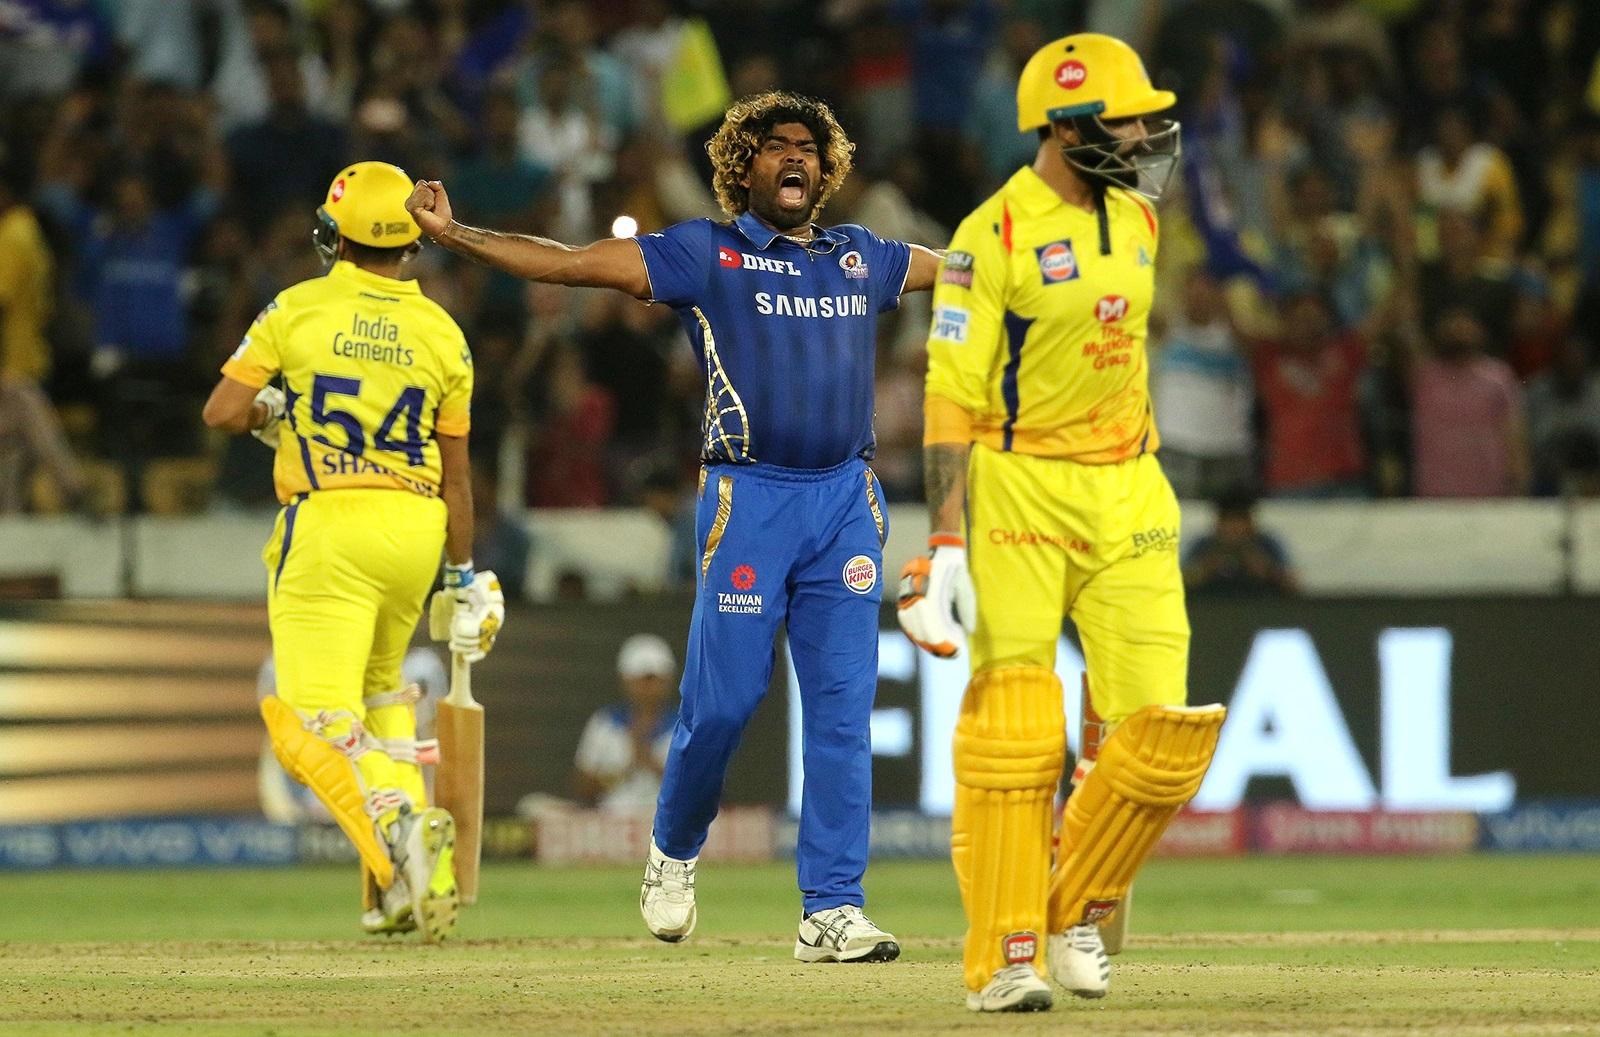 15 अप्रैल तक आईपीएल के लिए भारत नहीं आ पाएंगे विदेशी खिलाड़ी: बीसीसीआई सूत्र 8